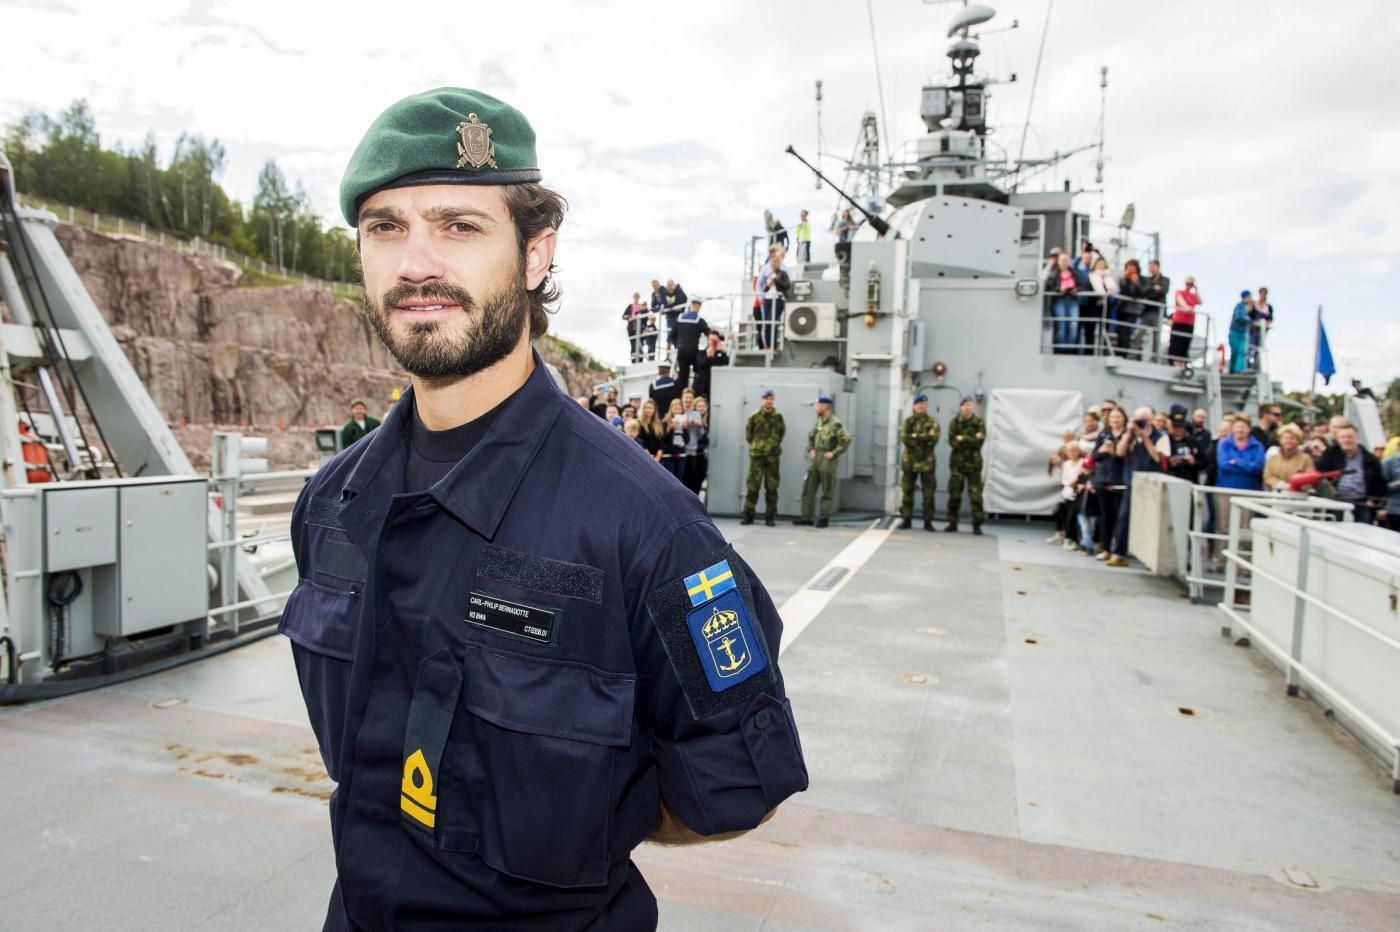 Il Principe Carlo Gustavo di Svezia partecipa a delle esercitazioni militari